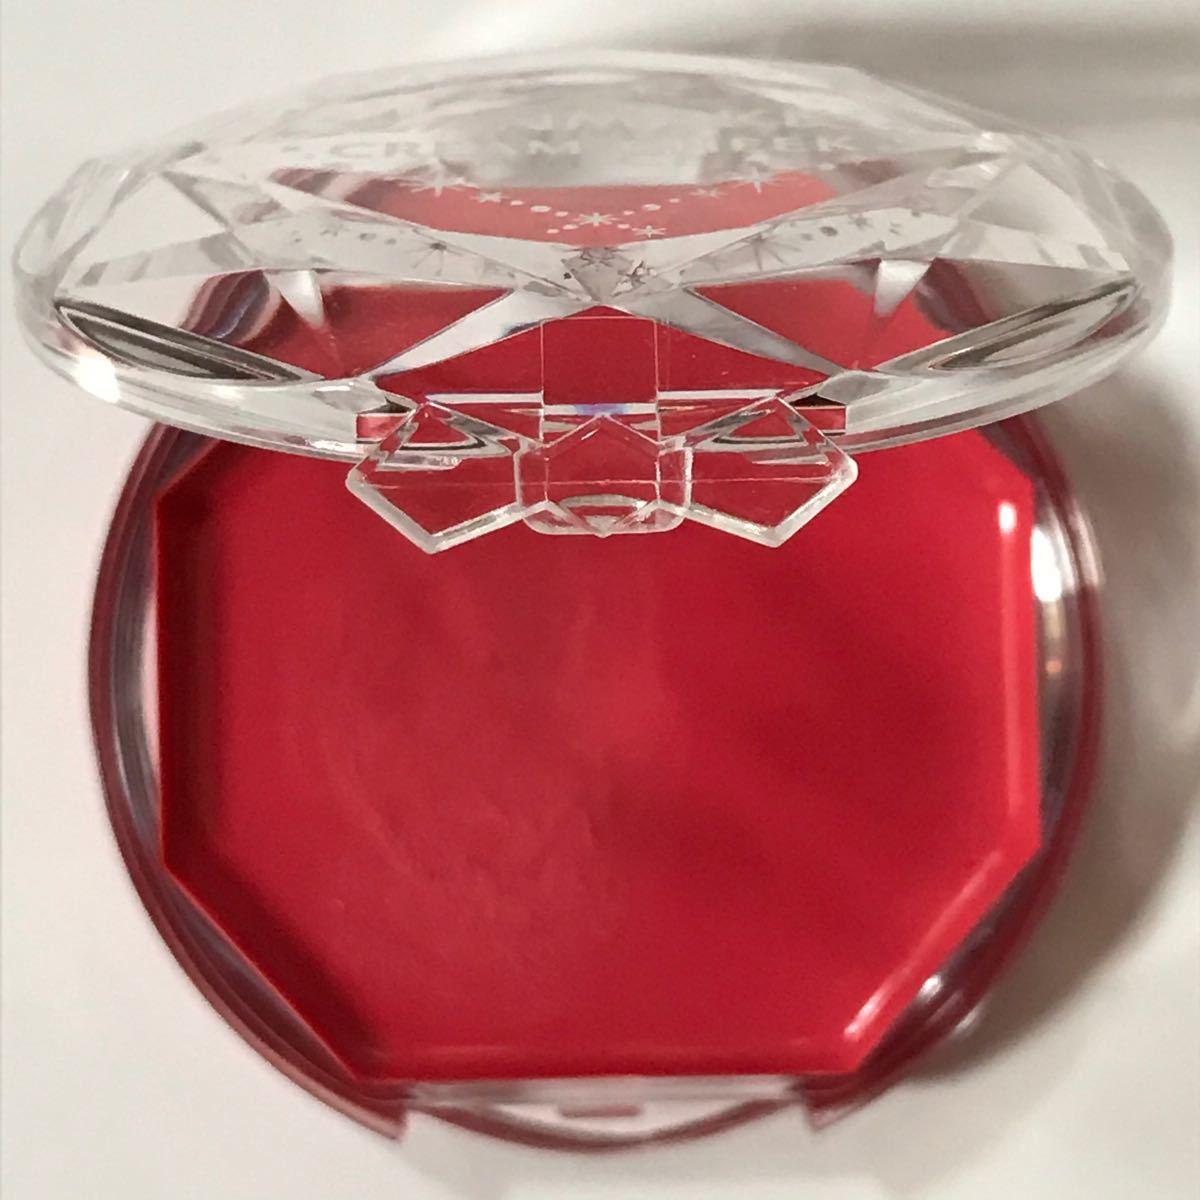 キャンメイク クリームチーク 14 ブルベに最適 ほお紅 チークカラー 血色◎